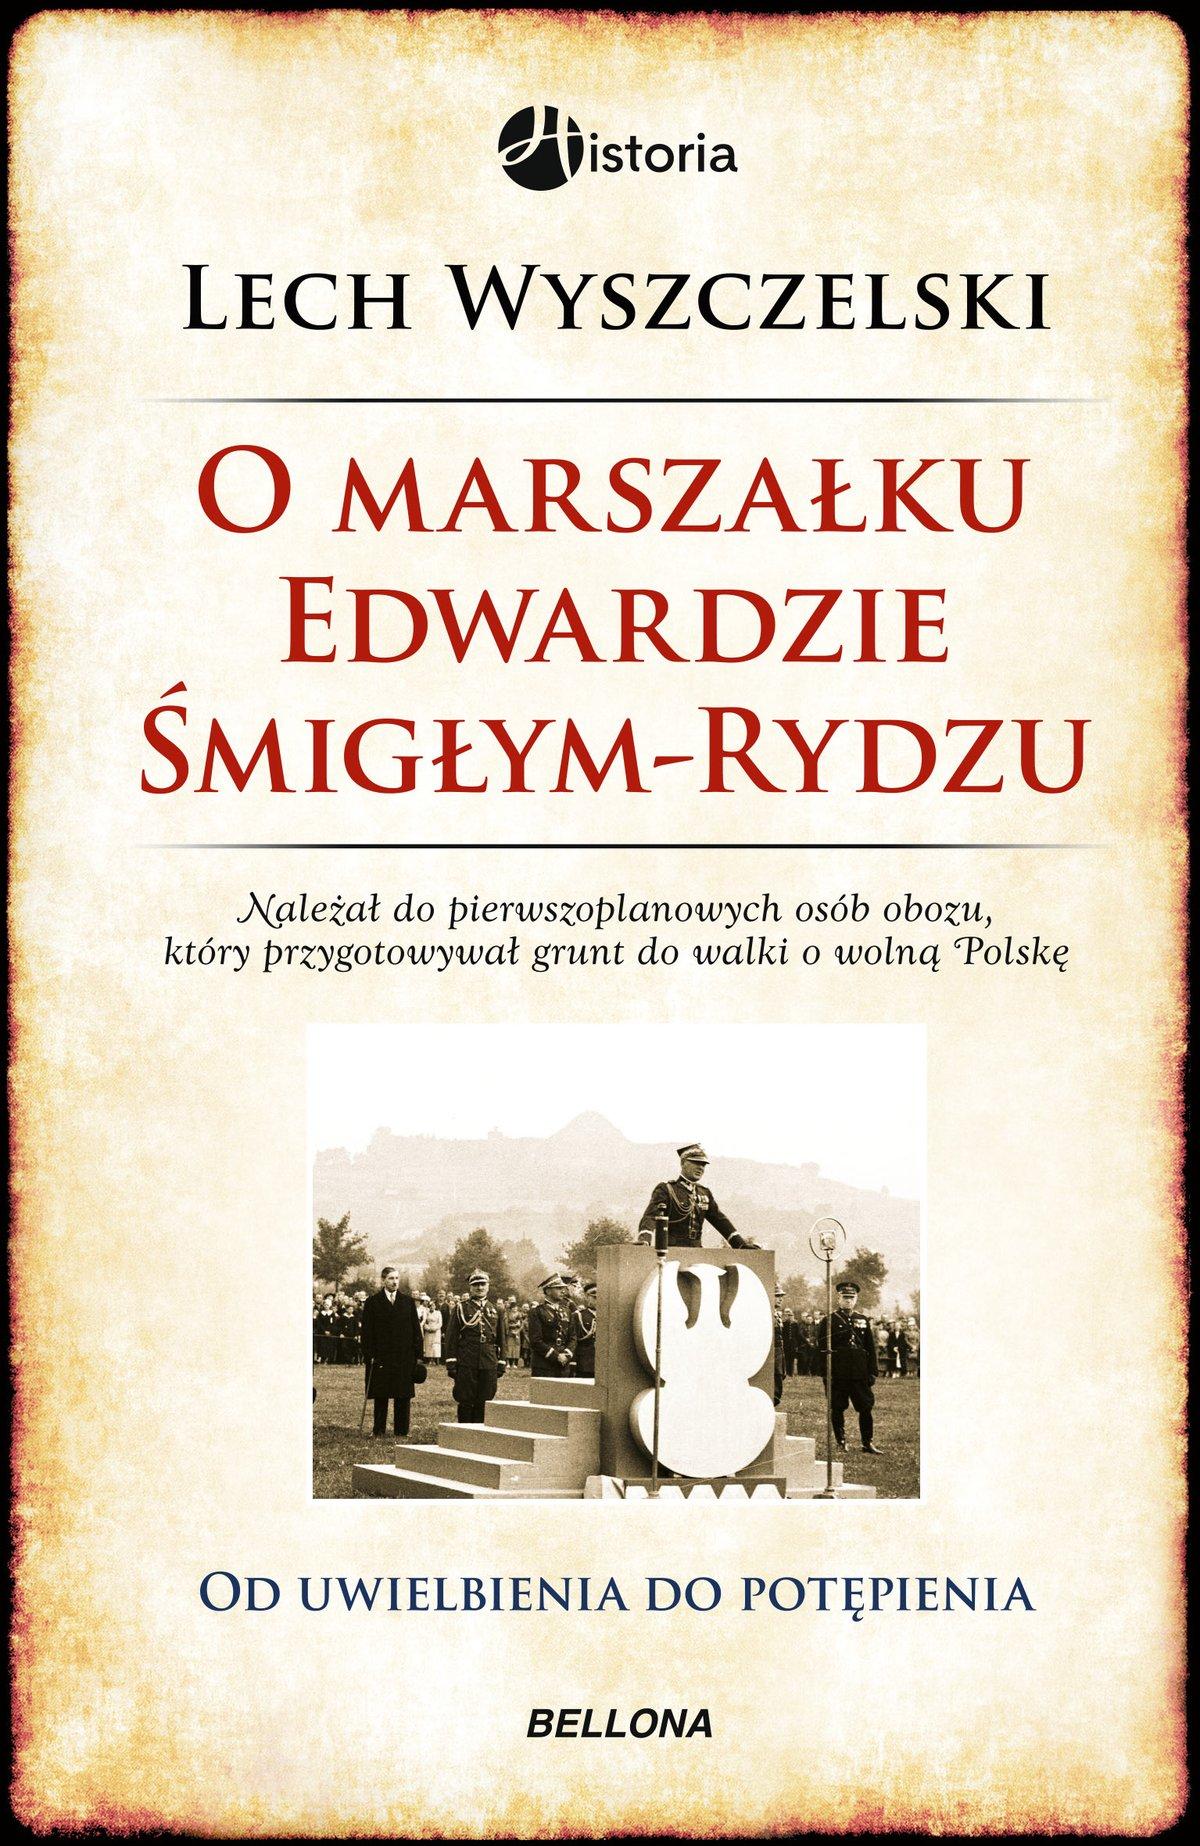 Od uwielbienia do potępienia. Rzecz o marszałku Śmigłym-Rydzu - Ebook (Książka na Kindle) do pobrania w formacie MOBI